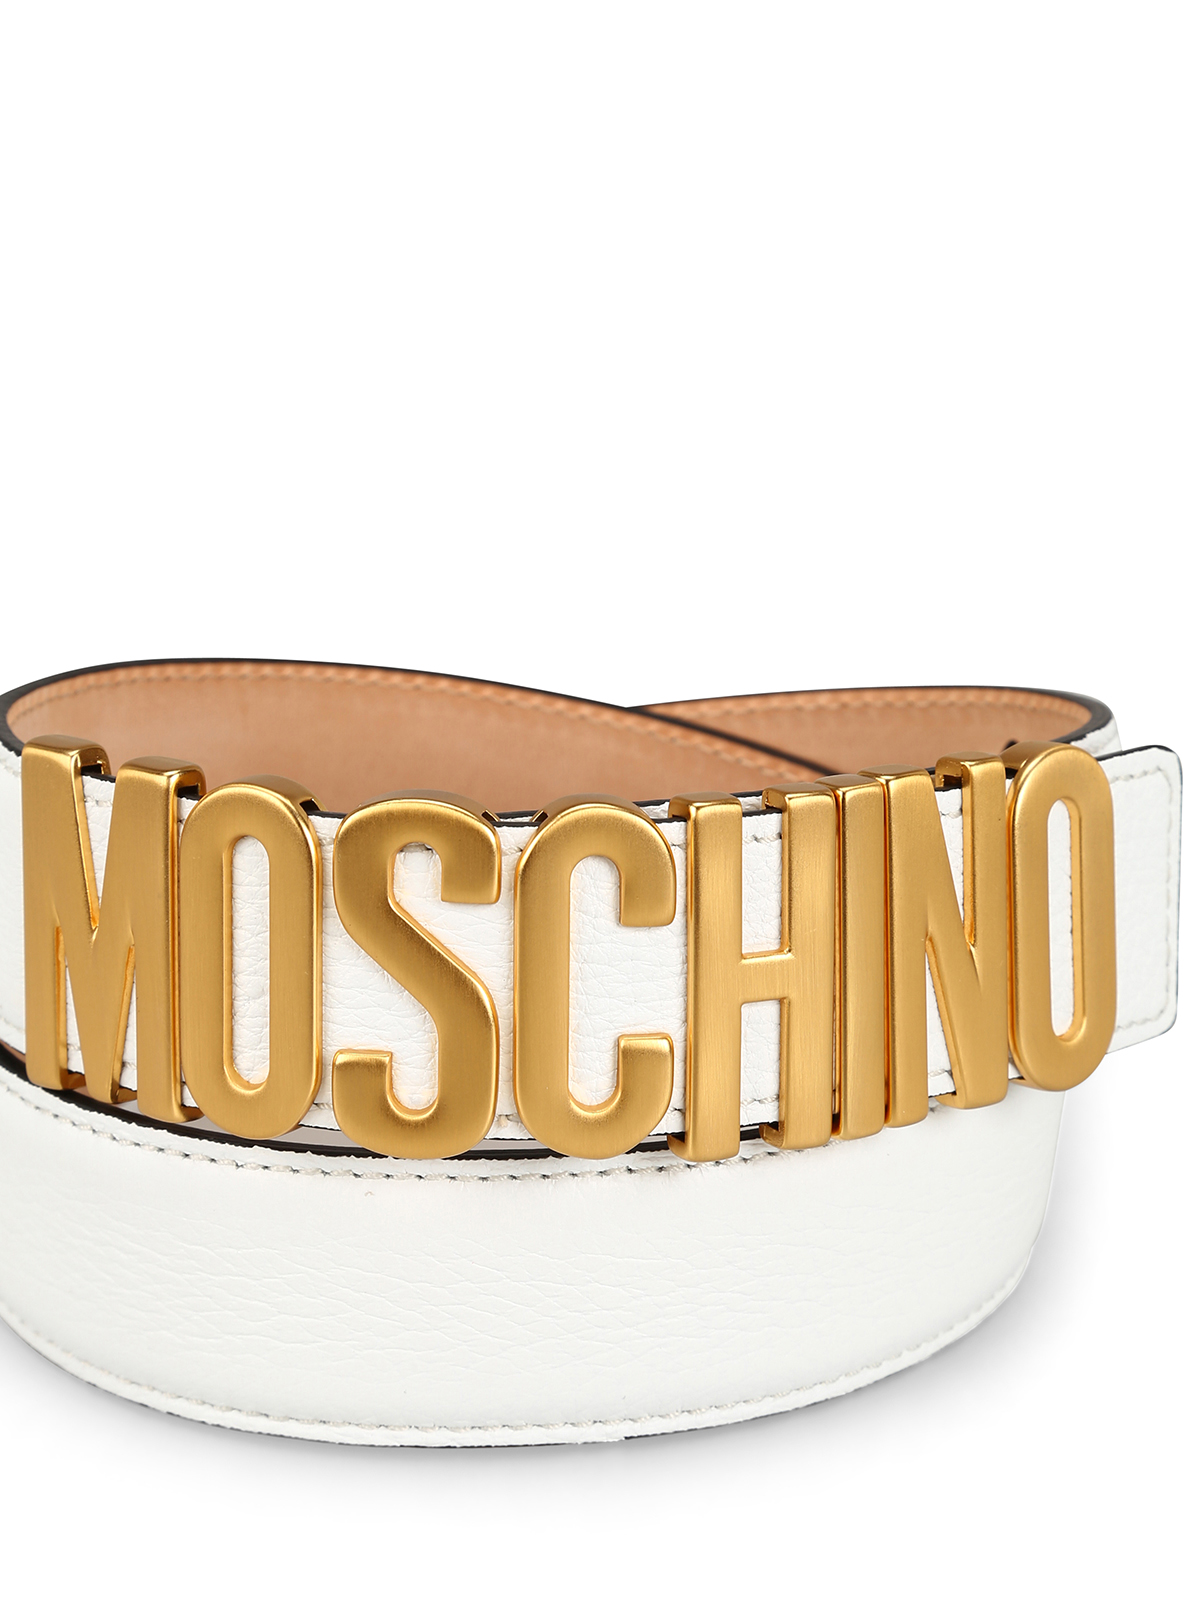 rivenditore di vendita 3eb00 eef41 Moschino - Cintura in pelle martellata bianca con logo ...